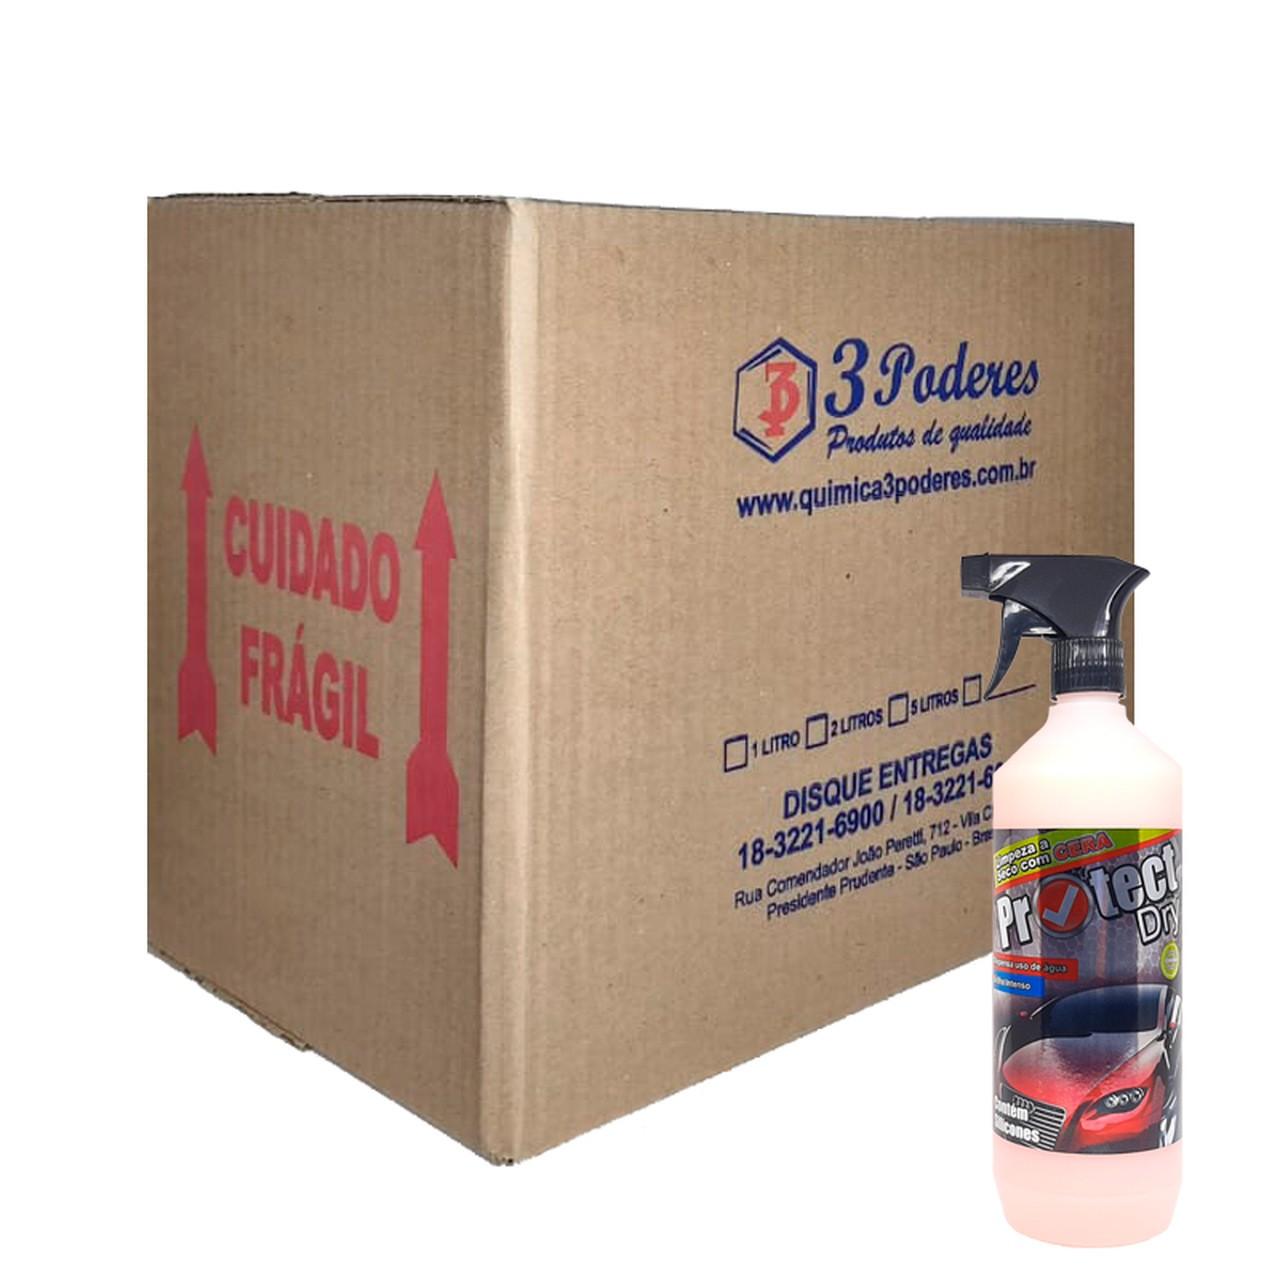 Protect DRY 3 Poderes 1L - Cera Limpadora à seco de auto brilho para automóveis com silicone - Caixa com 12 Un.